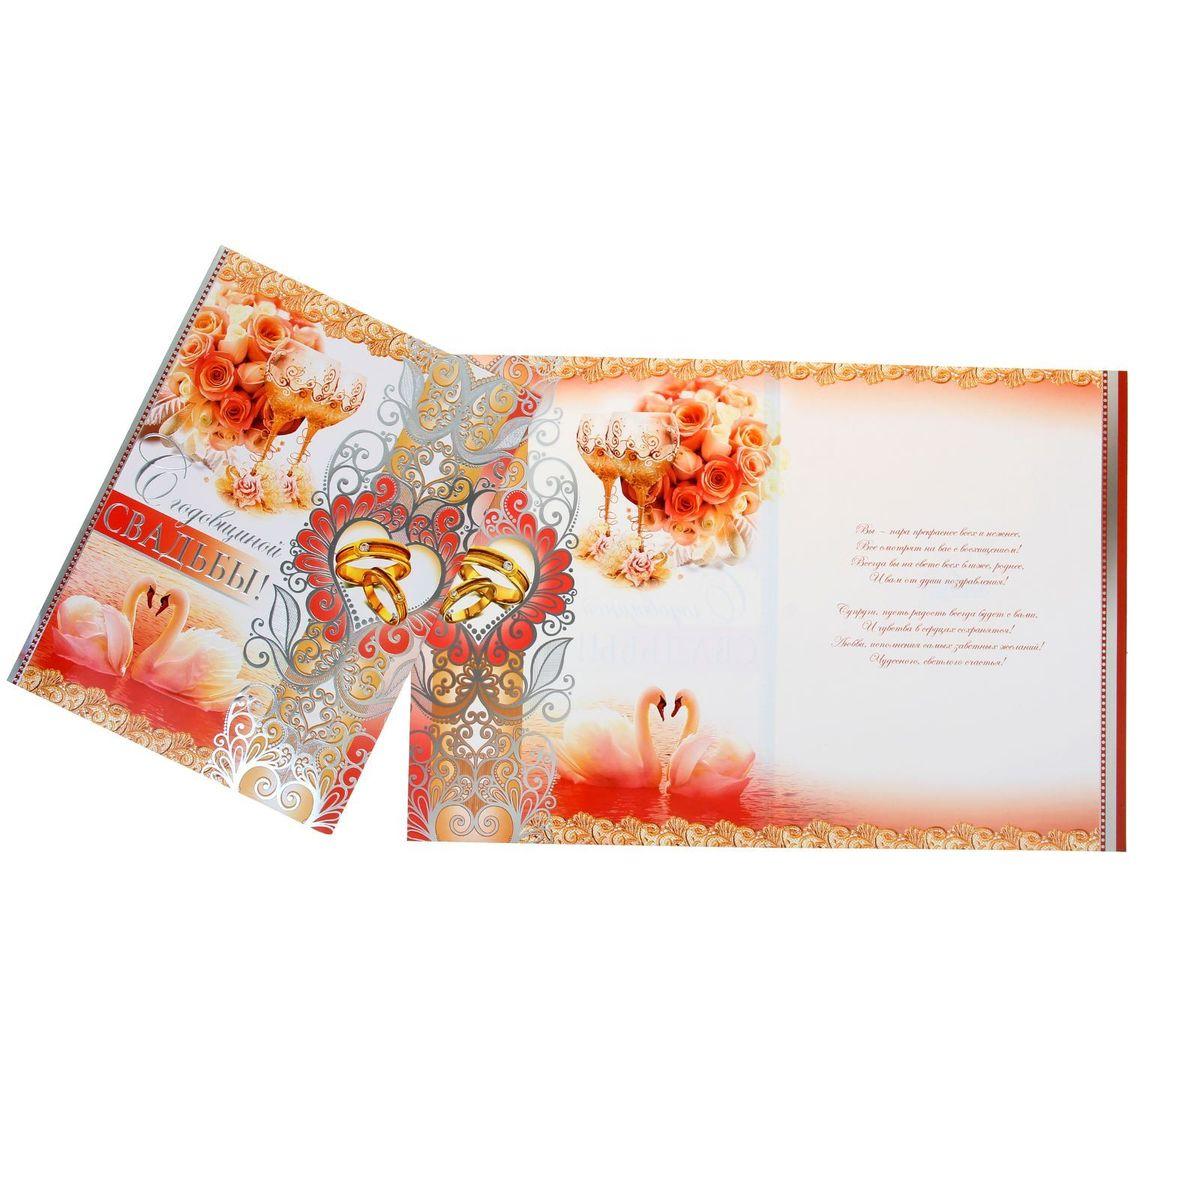 Атмосфера праздника Открытка гигант С Днем Свадьбы! гигант1156098Если вы хотите порадовать себя или близких, создать праздничное настроение и с улыбкой провести памятный день, то вы, несомненно, сделали правильный выбор! Товар Открытка отличается не только оригинальным дизайном, но и высоким качеством.